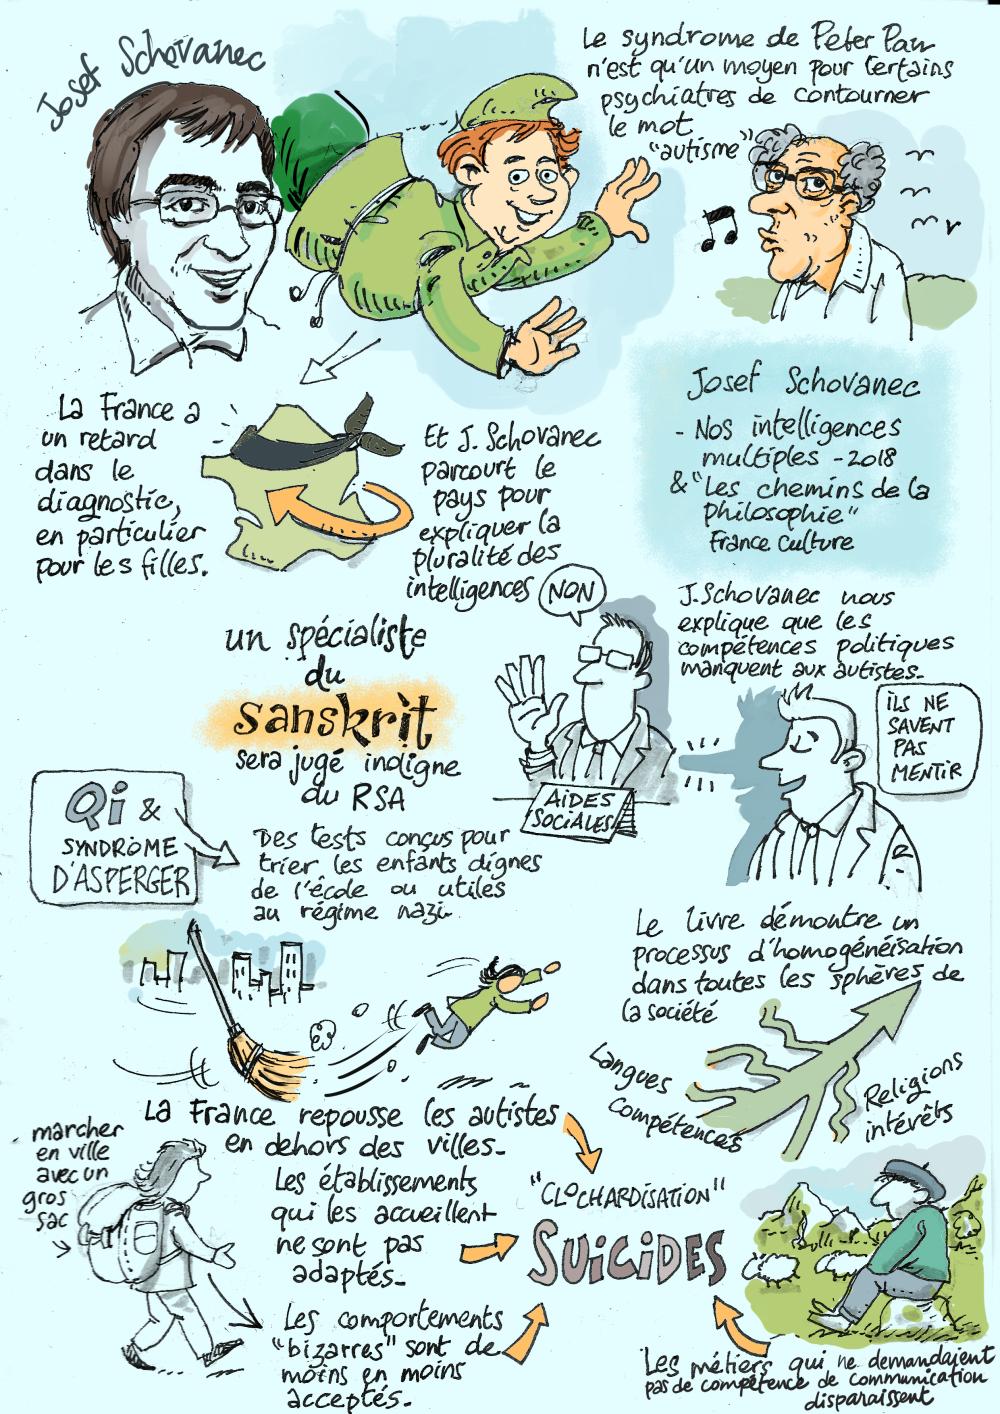 Josef Schovanec - à partir d'une émission sur France Culture avec A. Van Reeth